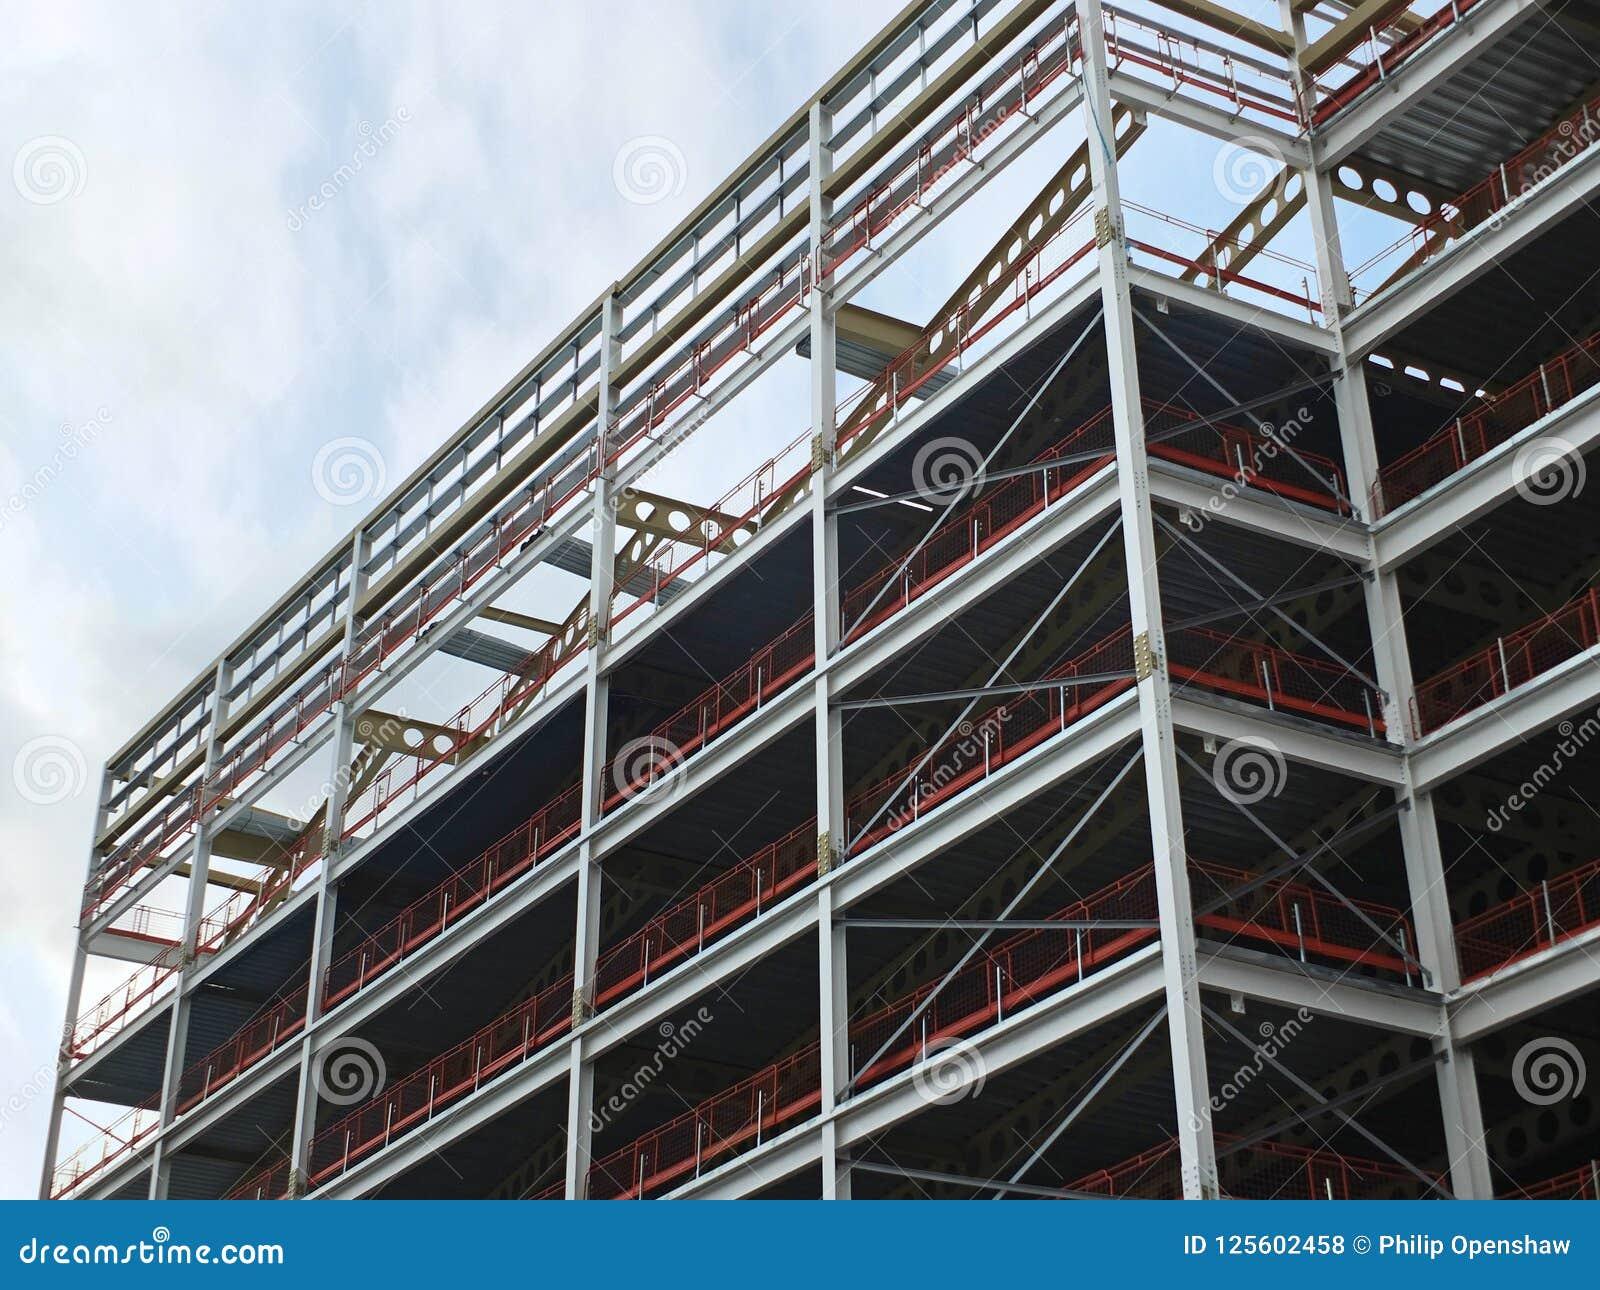 Wędkujący widok wielki budynku rozwój w budowie z stalową strukturą i stropnicami wspiera metal podłogi z b